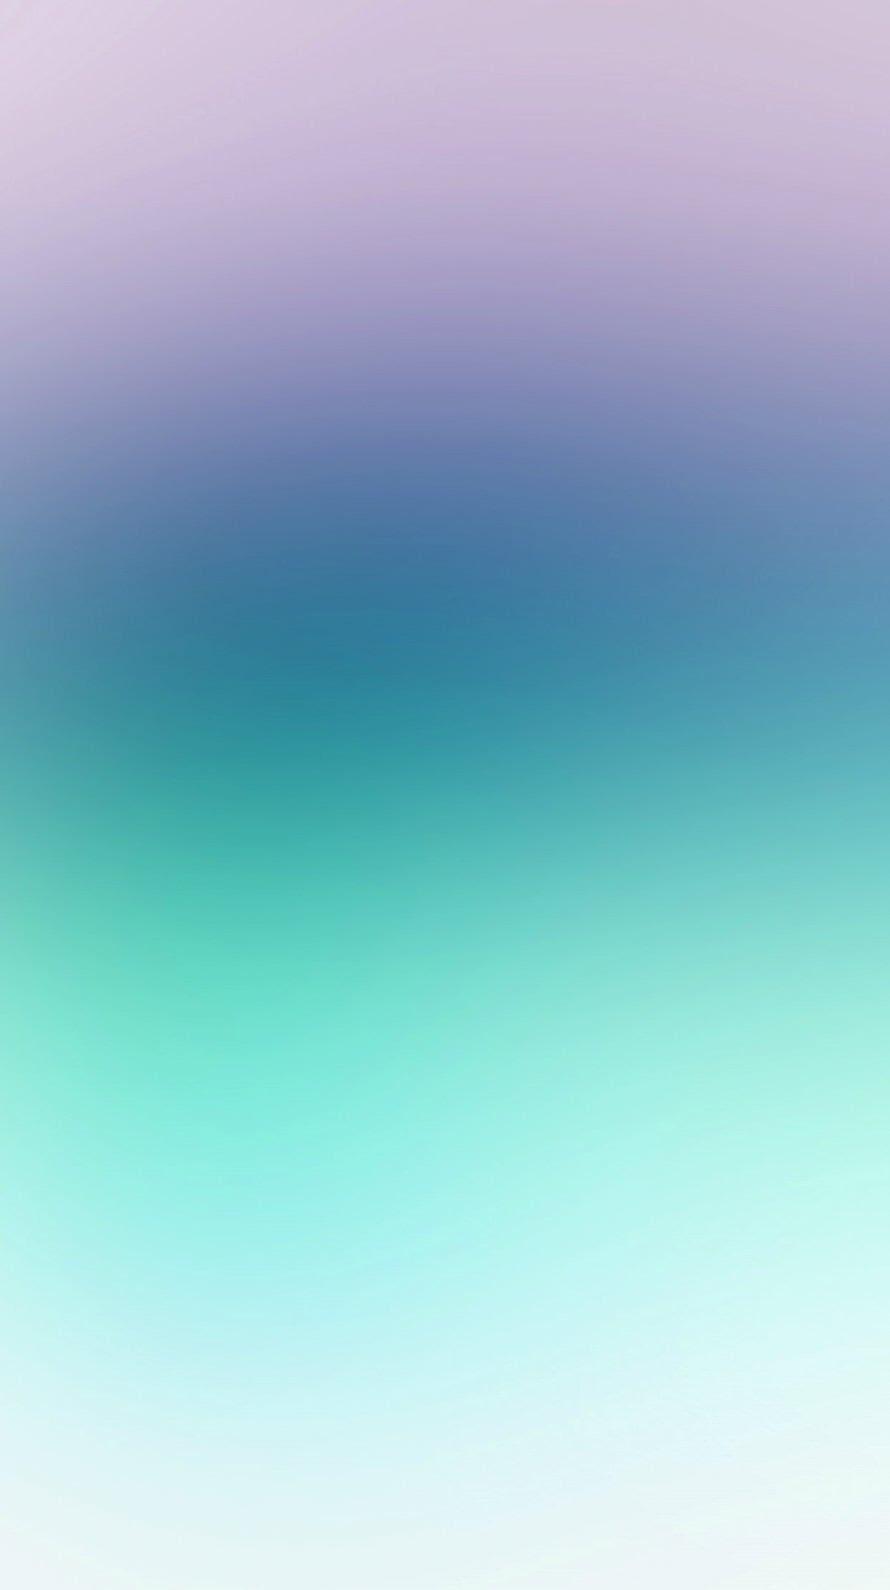 紫と緑の淡いグラデーション Iphone6壁紙 Wallpaperbox